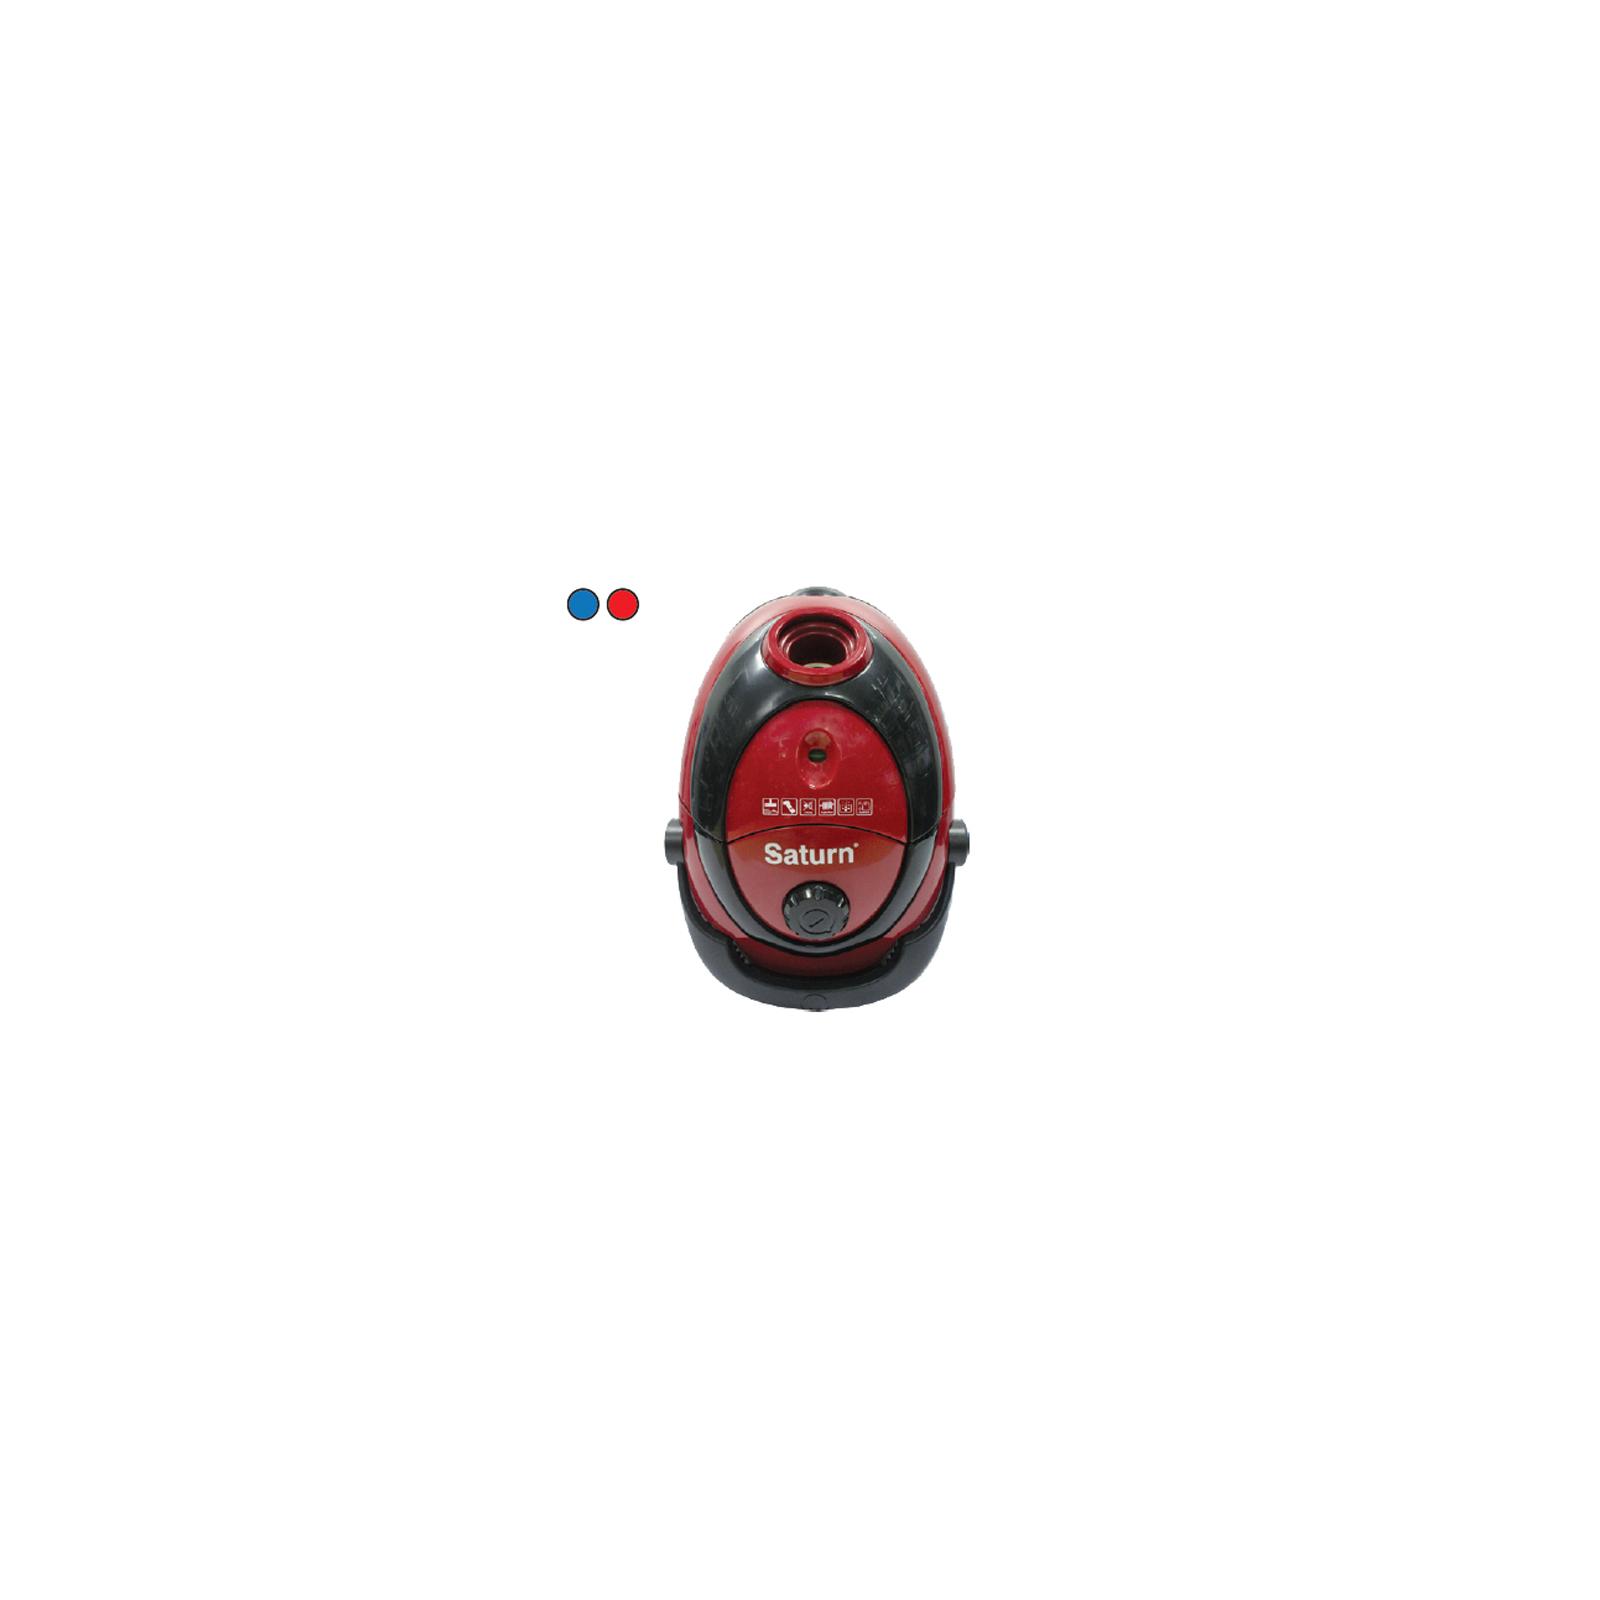 Пылесос SATURN ST-VC0253 Red изображение 2